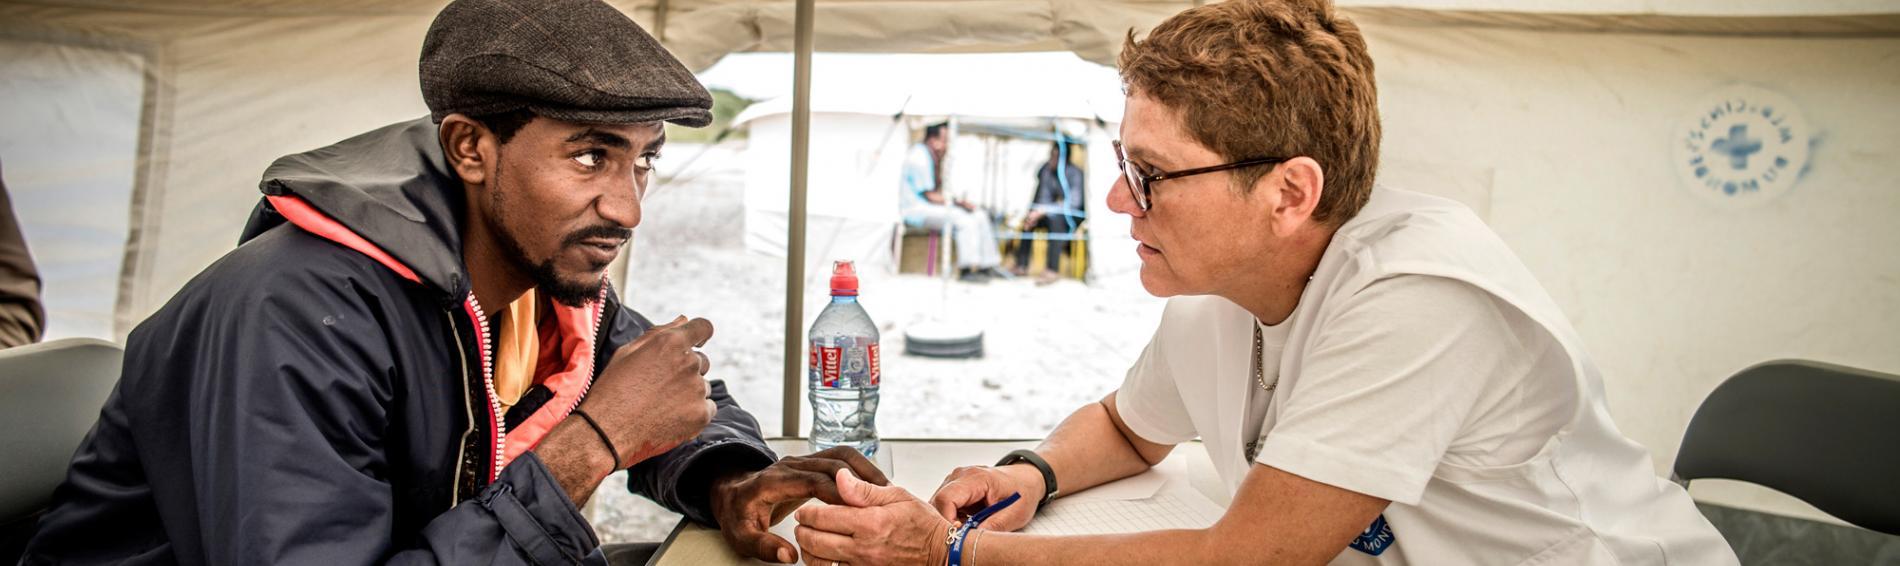 Behandlung eines Geflüchteten im Camp in Calais